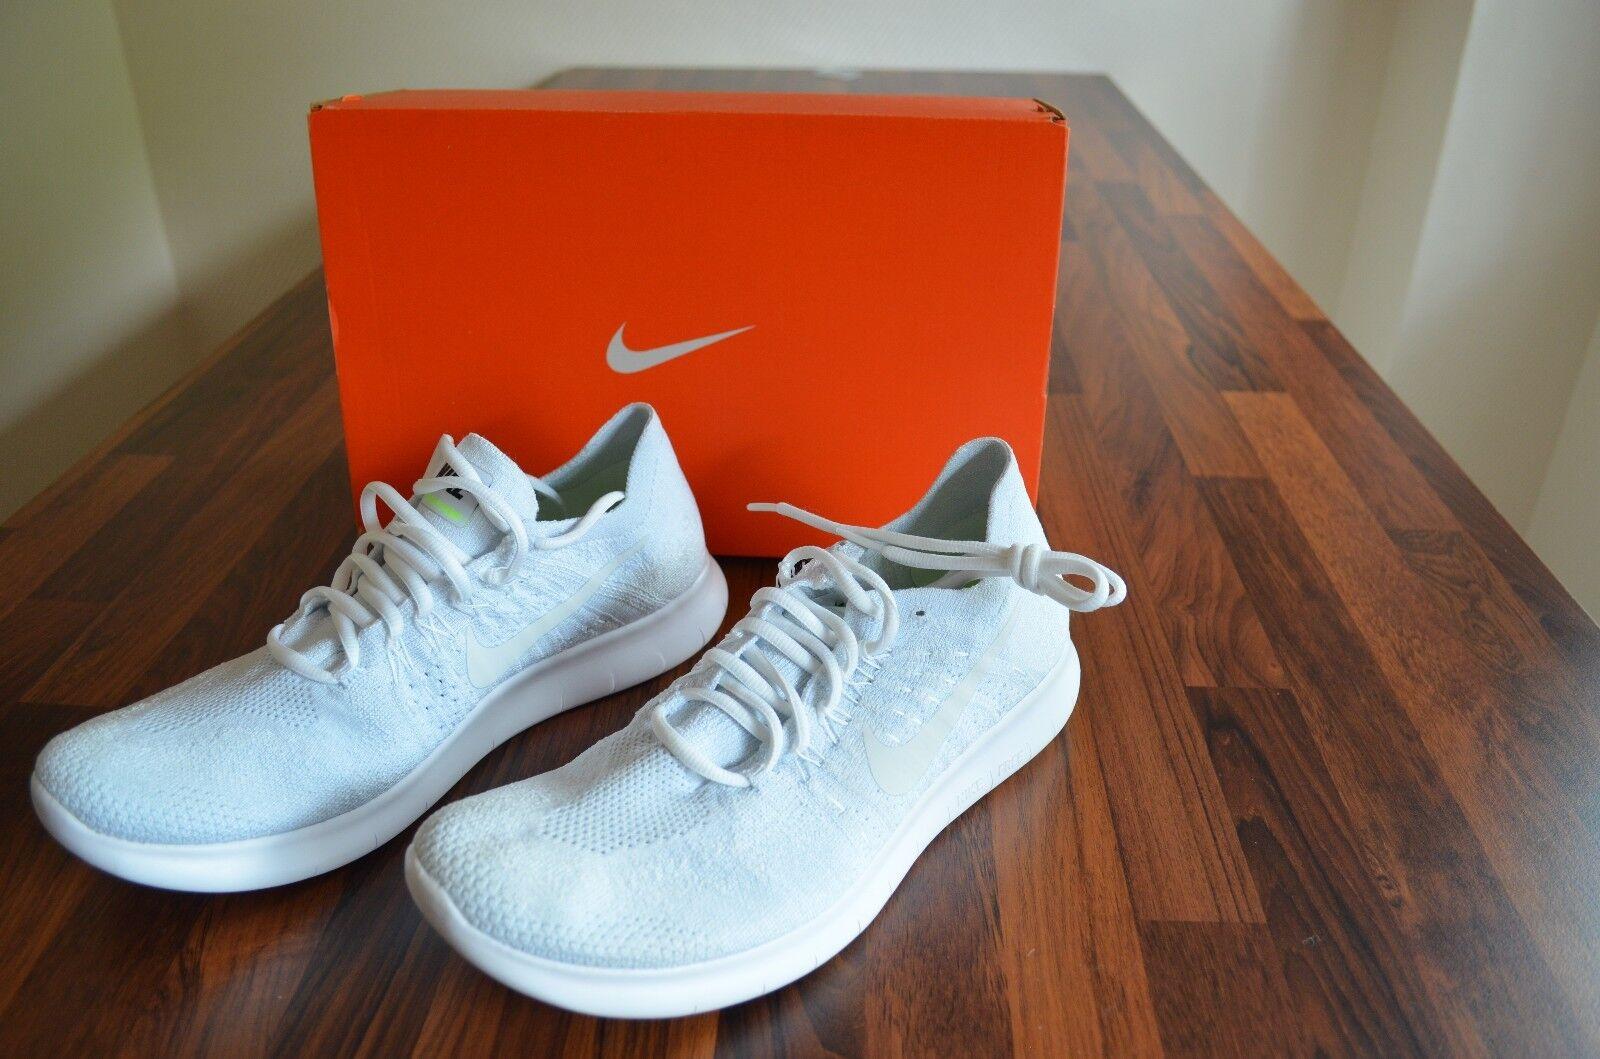 Nike Free RN Flyknit 880843 100, Größe 42,5